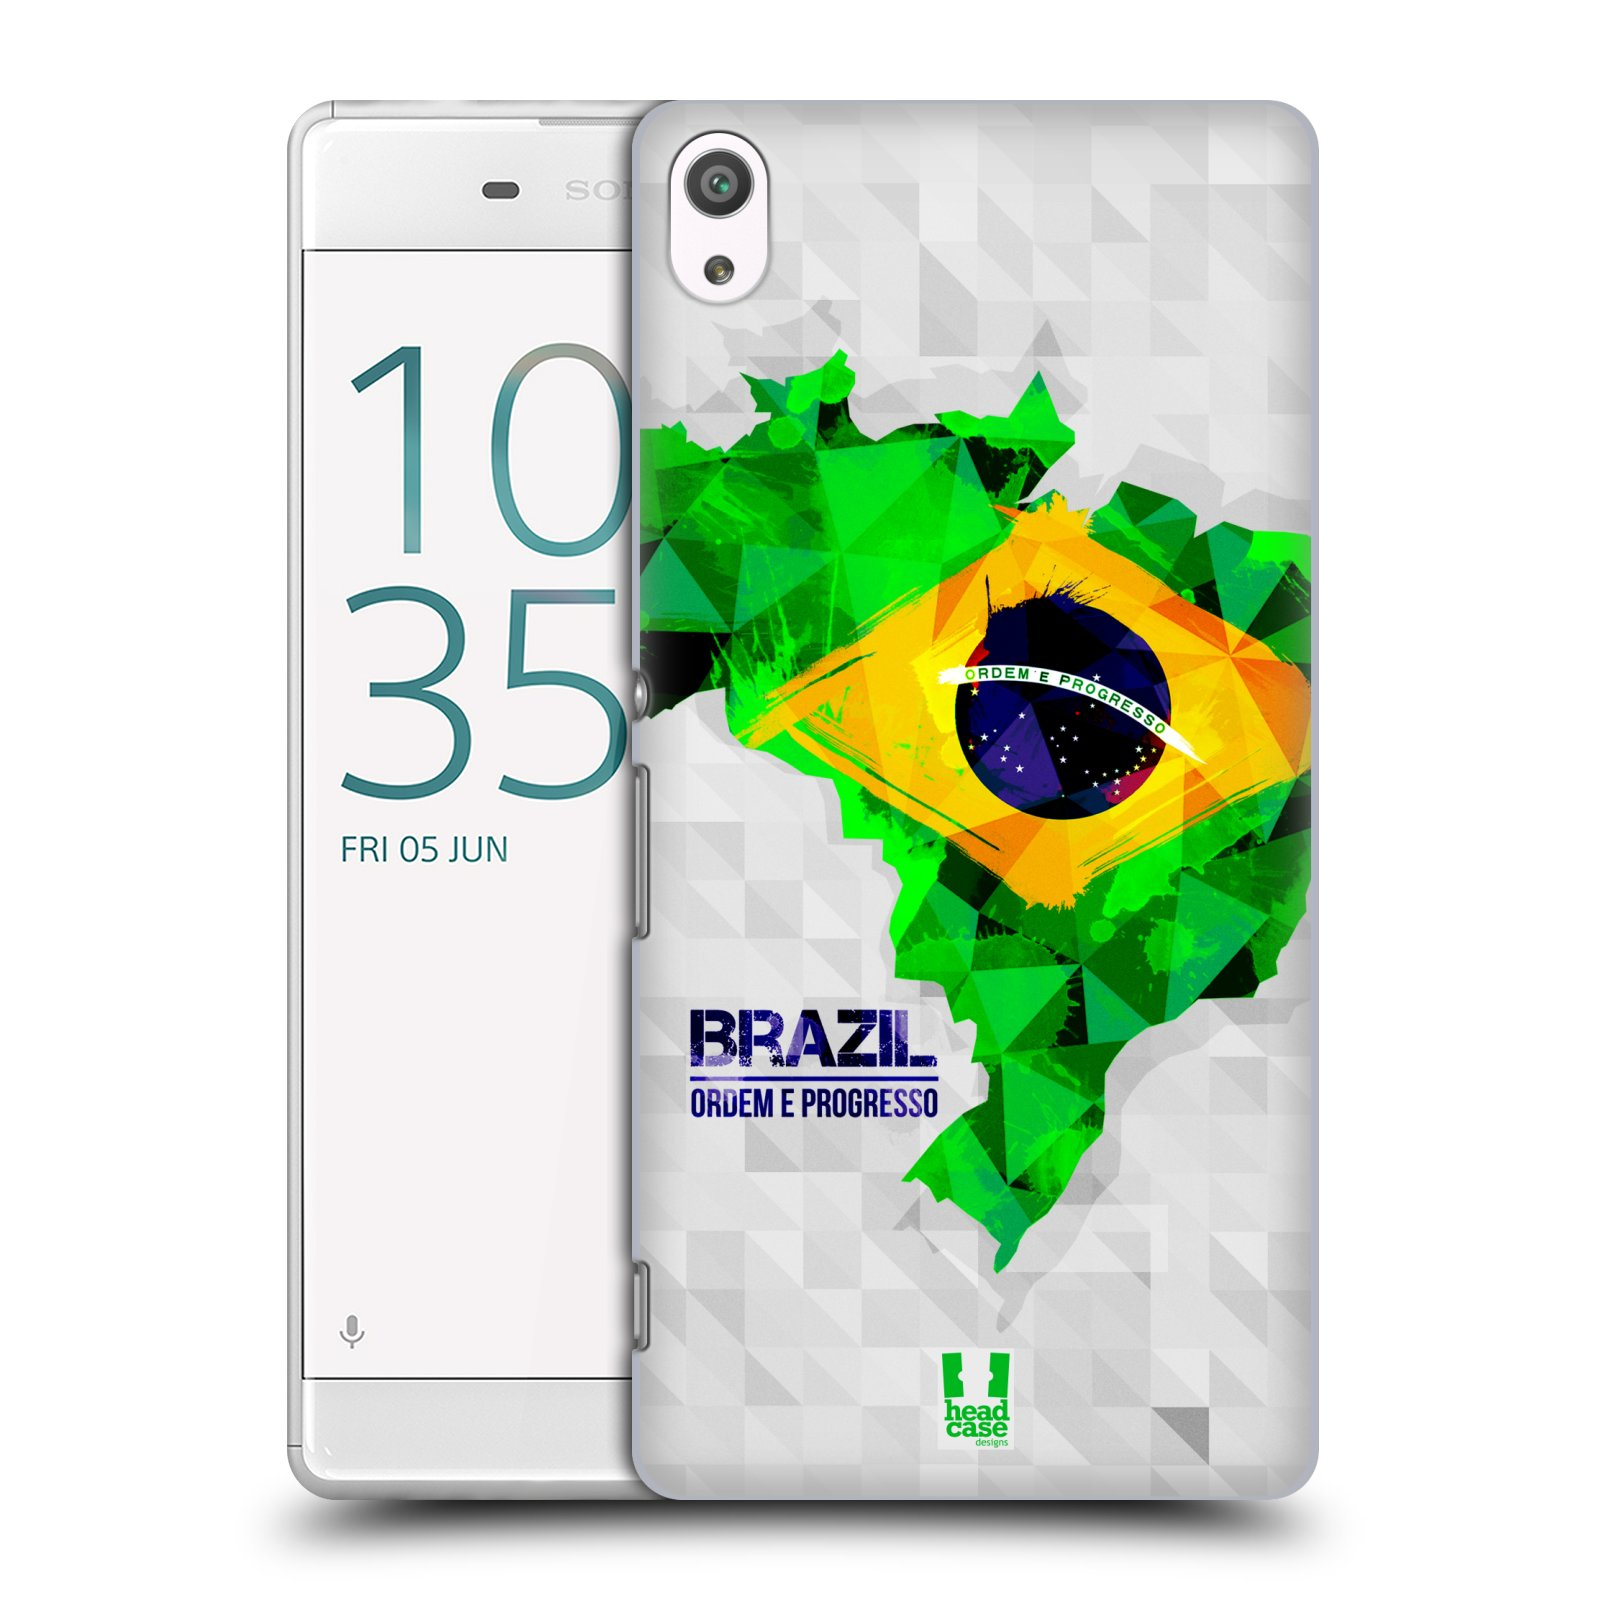 Plastové pouzdro na mobil Sony Xperia XA Ultra HEAD CASE GEOMAPA BRAZÍLIE (Plastový kryt či obal na mobilní telefon Sony Xperia XA Ultra F3211)